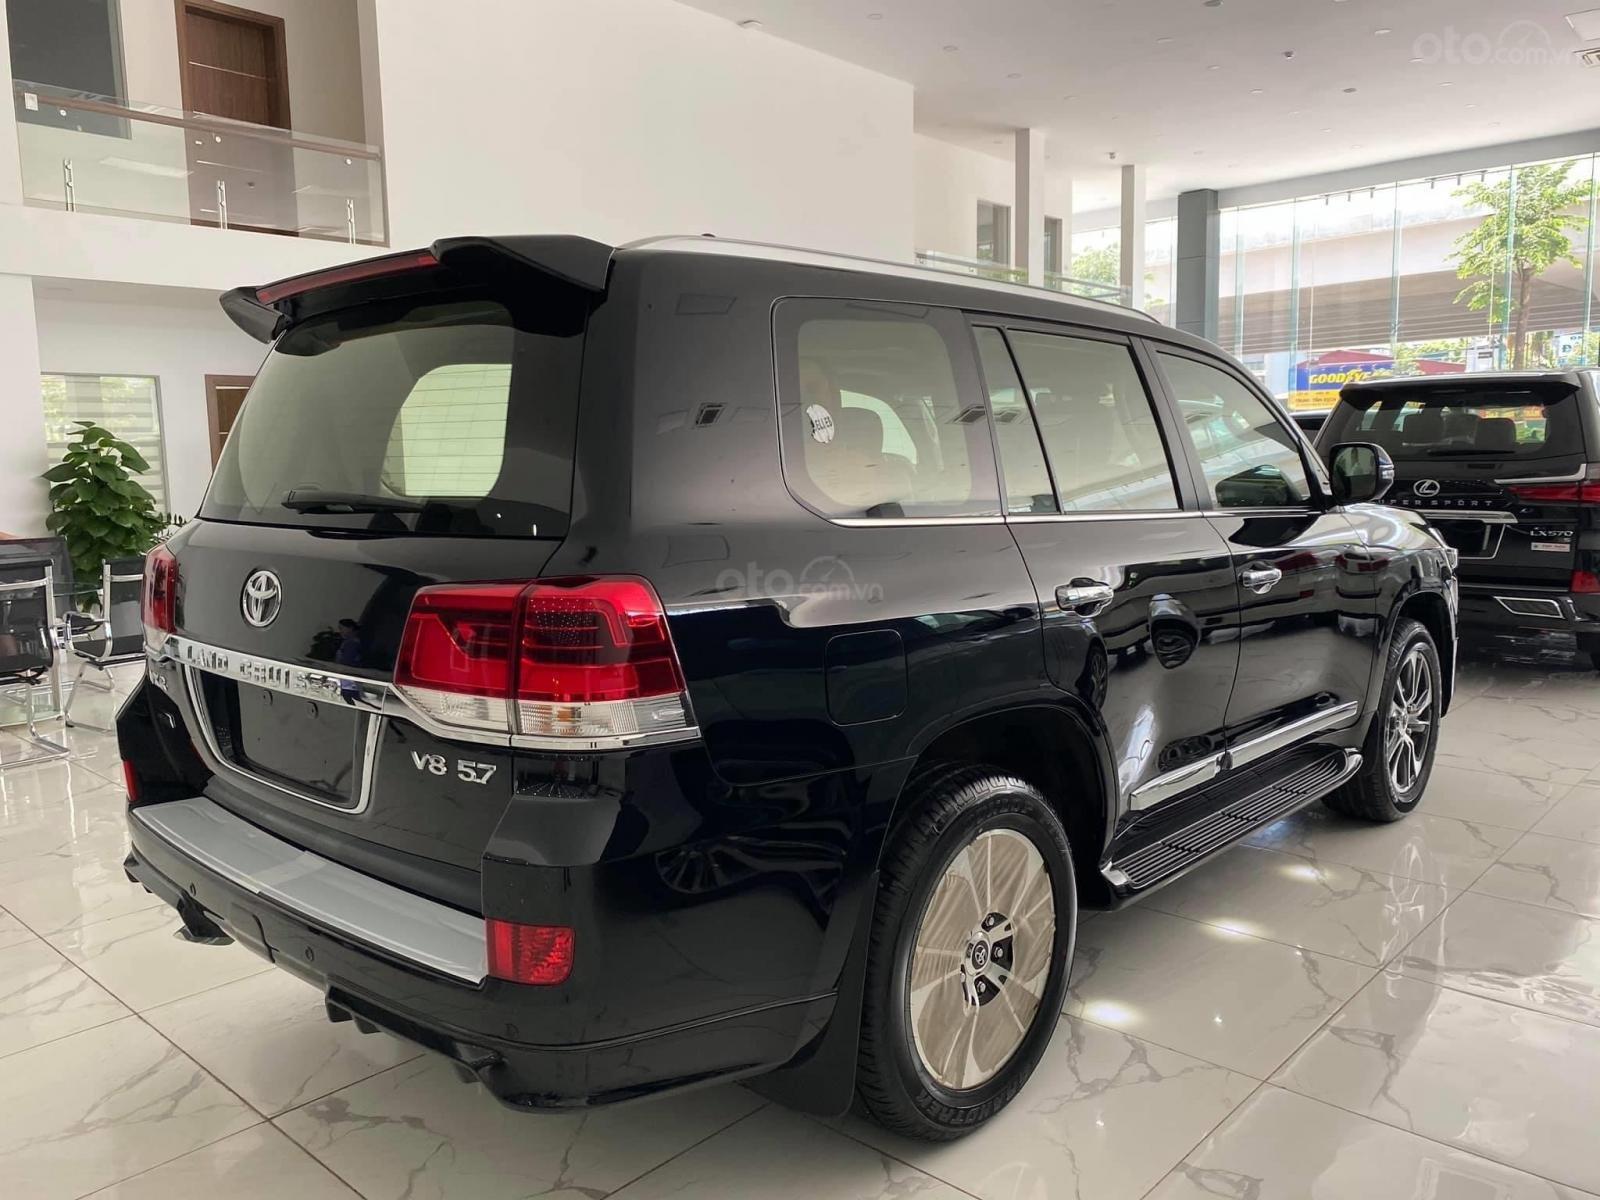 Bán Toyota Land Cruise MBS 5.7,4 ghế thương gia siêu vip, sản xuất 2020, xe giao ngay (5)